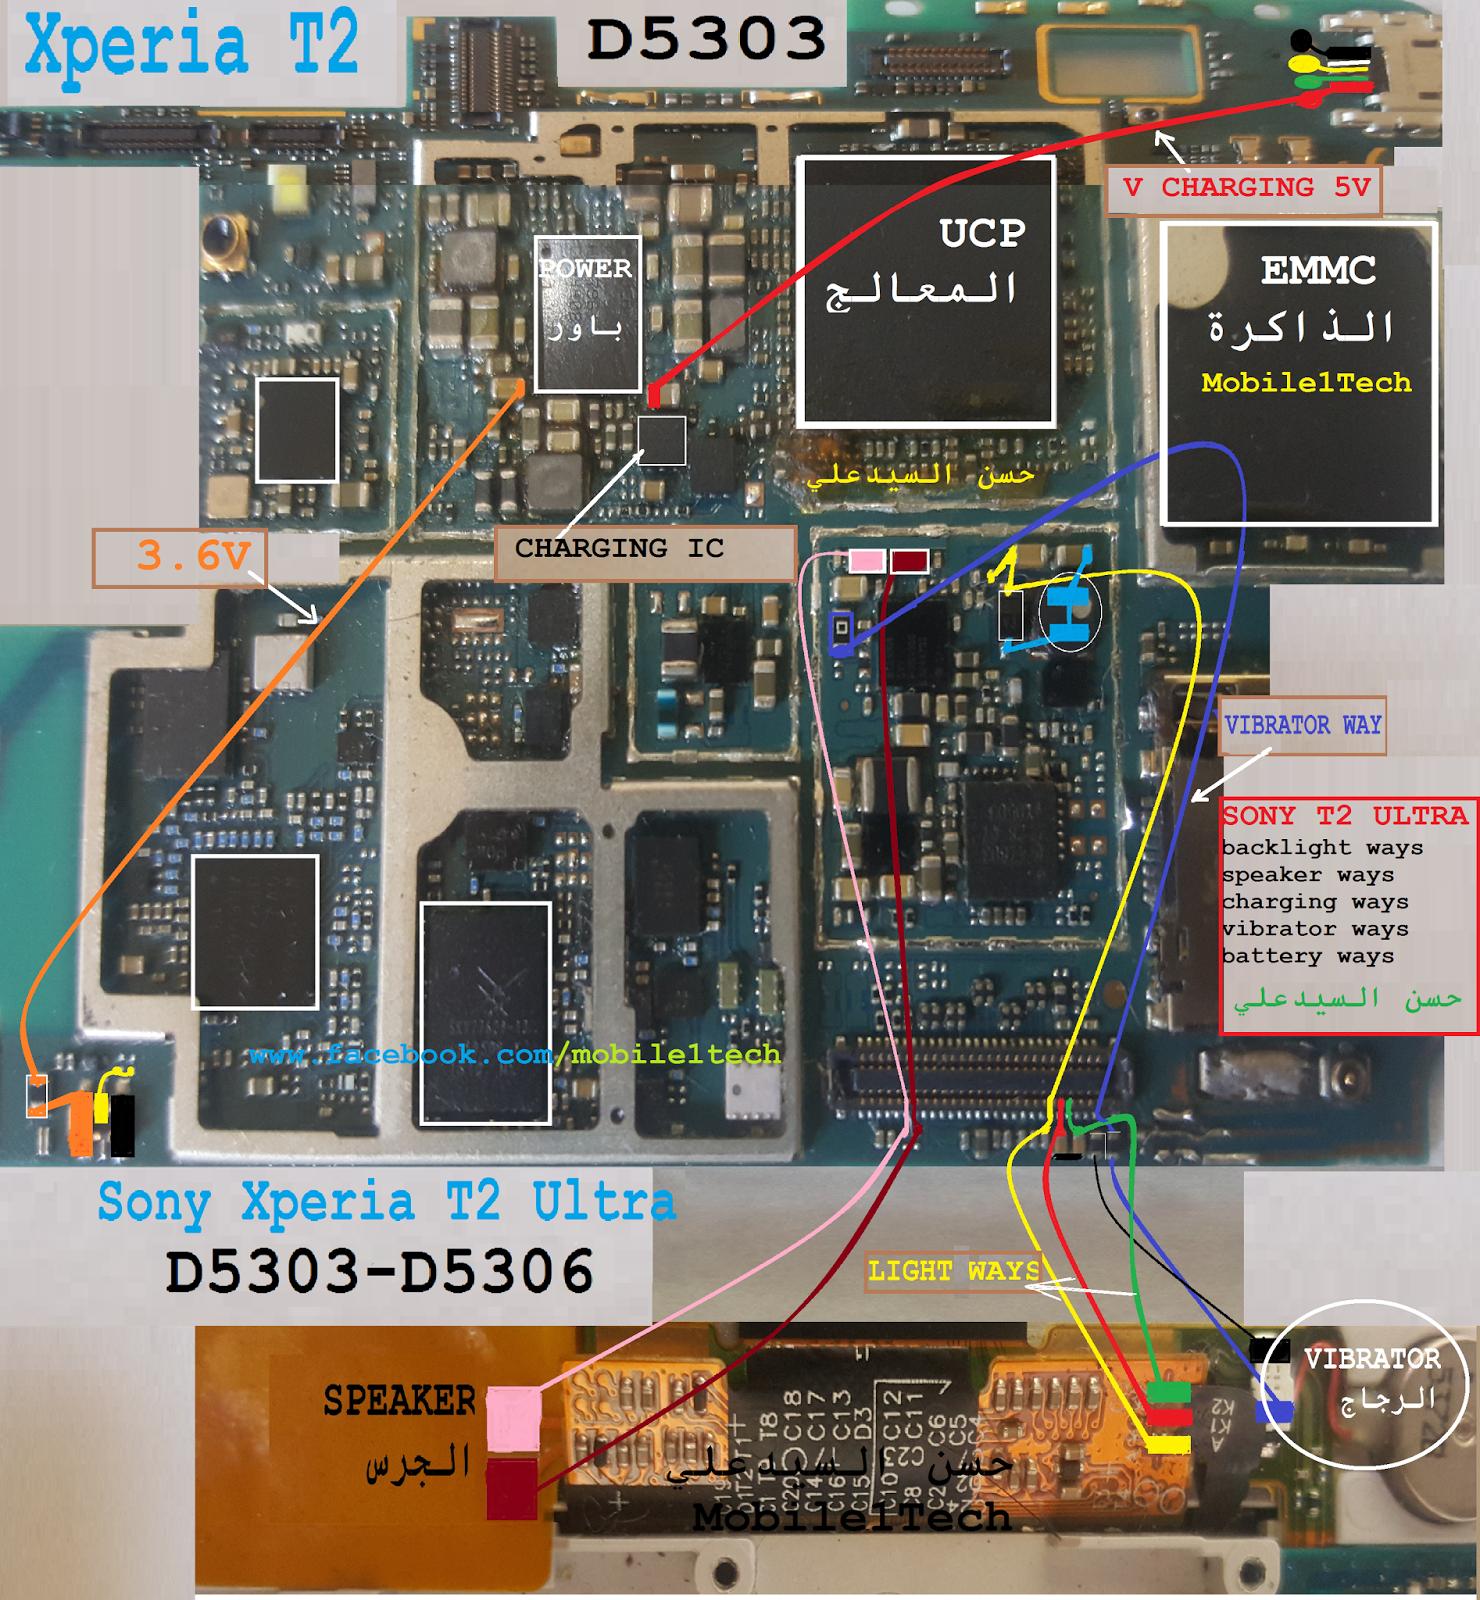 sony xperia c circuit diagram [ 1480 x 1600 Pixel ]